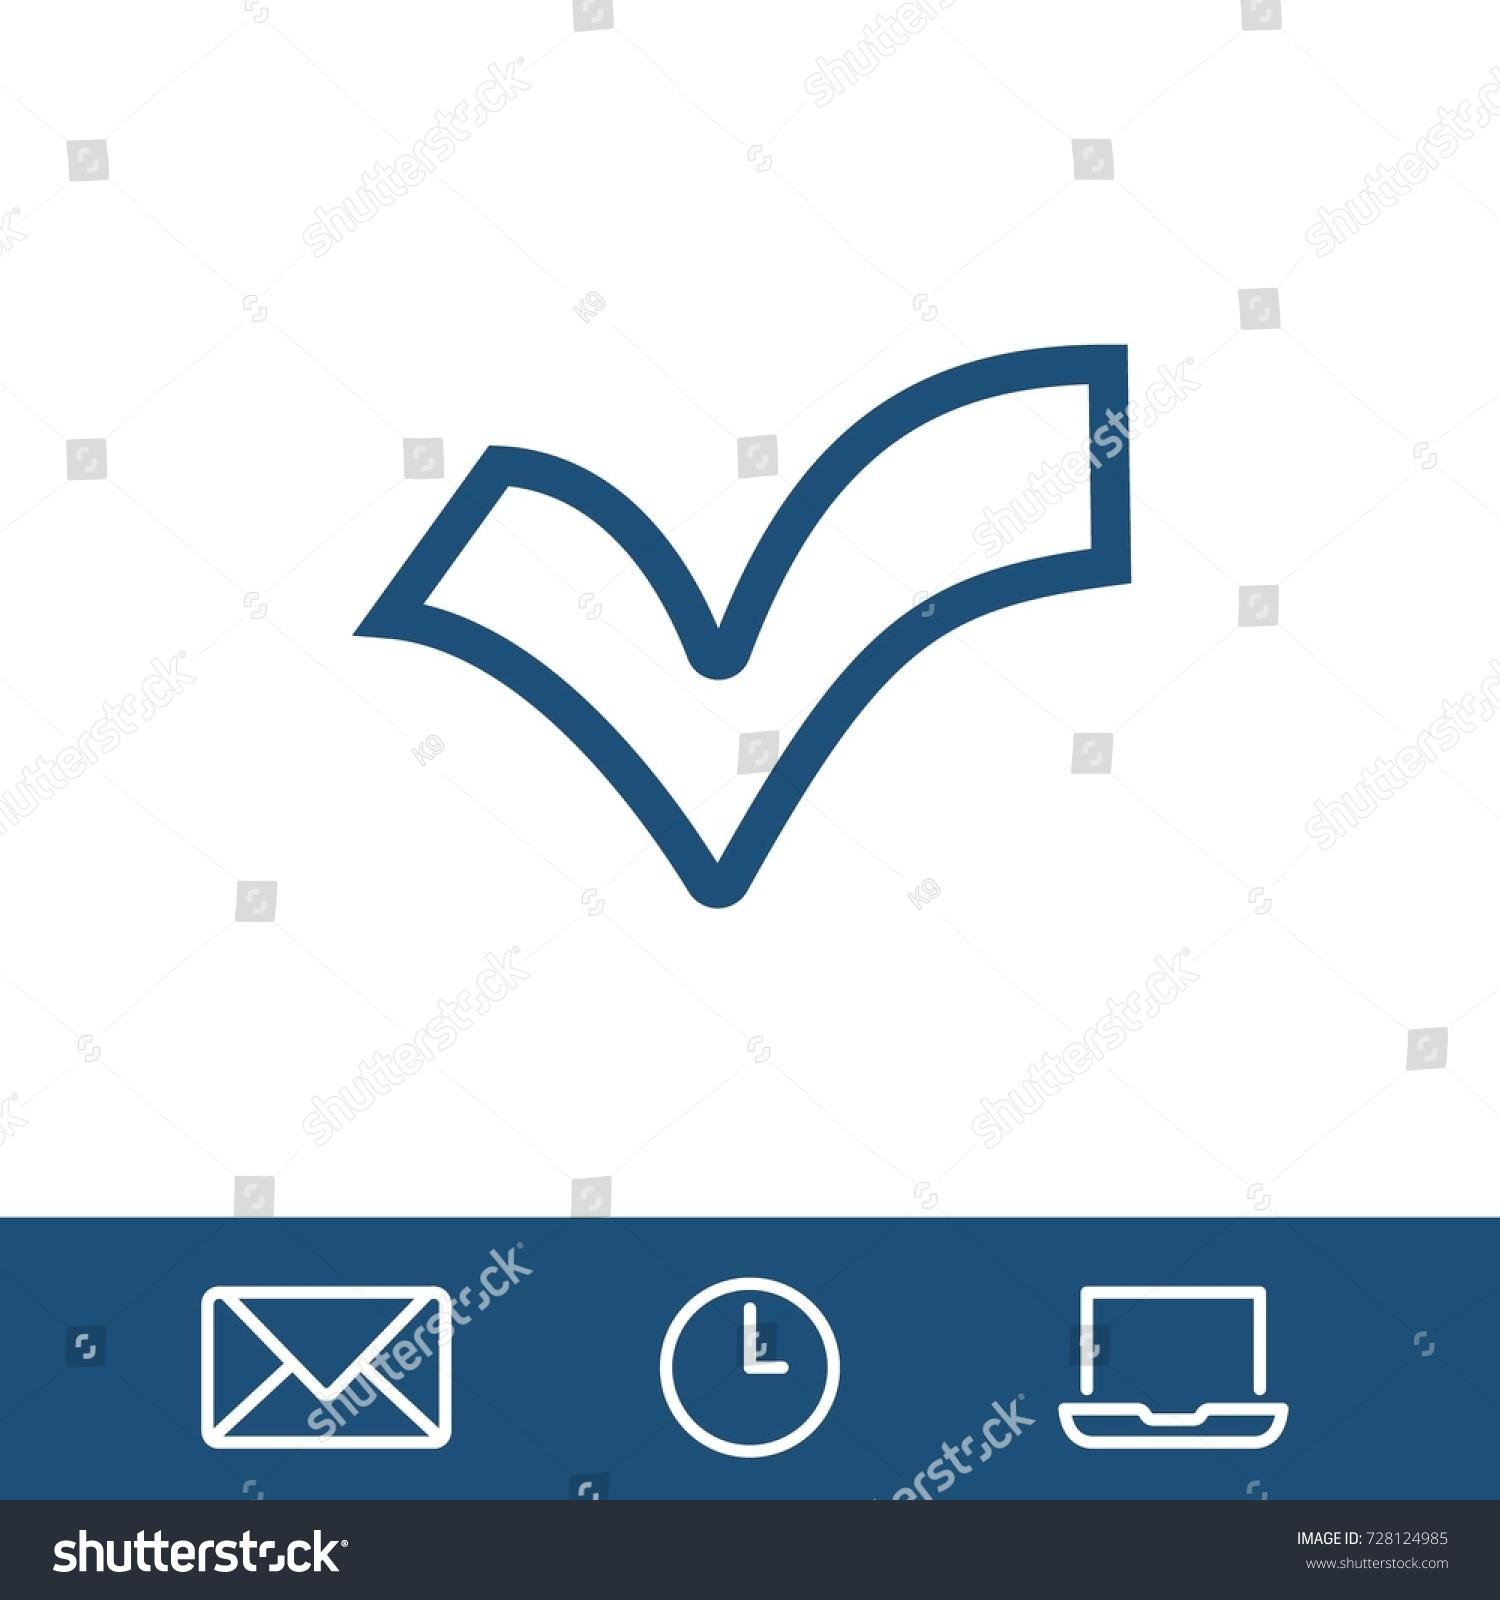 Check icon vector fat design editable stock vector 728124985 check icon vector fat design editable stroke 512x512 pixel perfect biocorpaavc